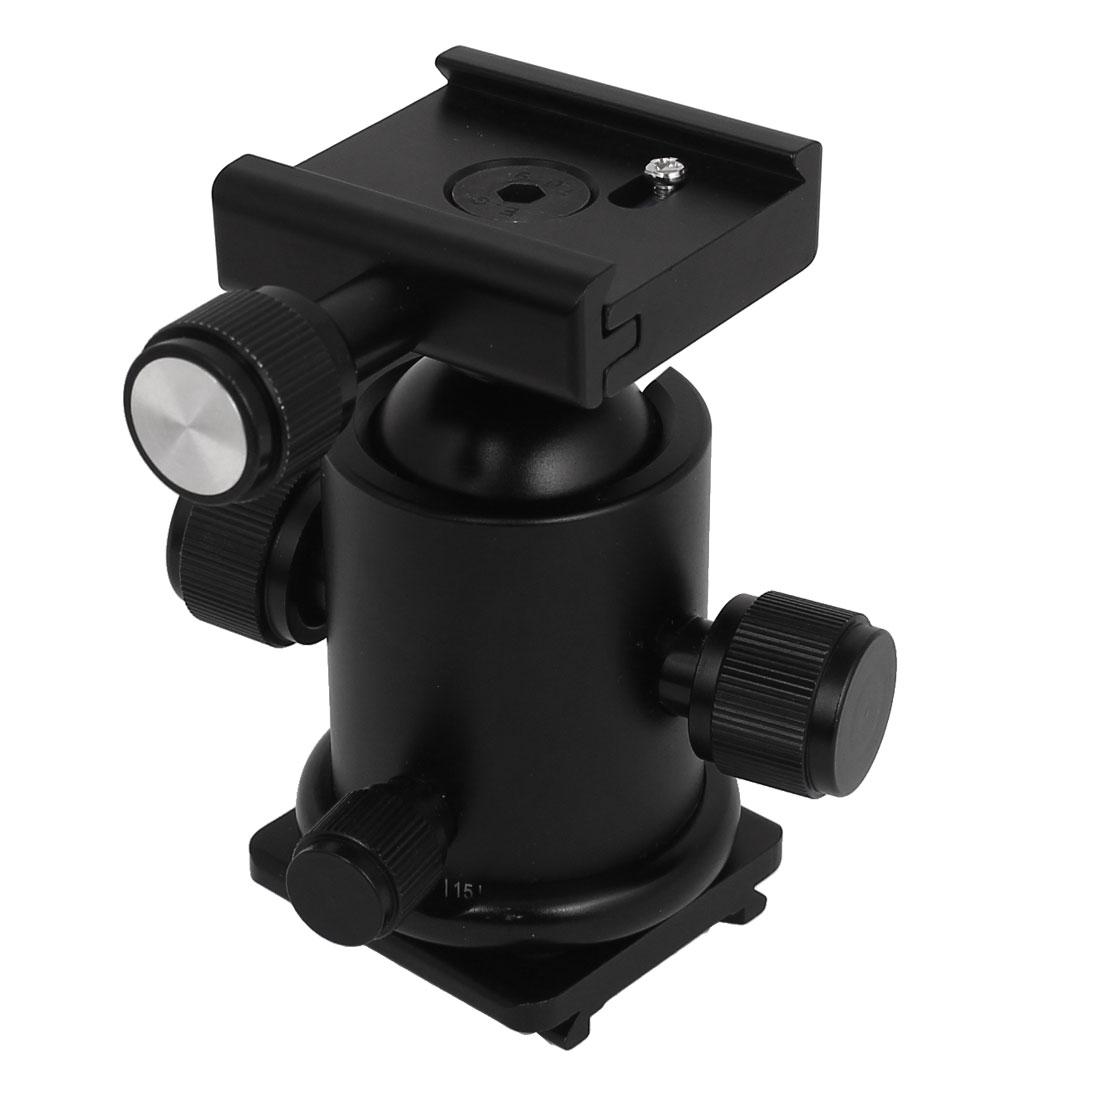 Flash Bracket Hot Shoe Umbrella Holder Mount Light Stand For DSLR Camera D Type